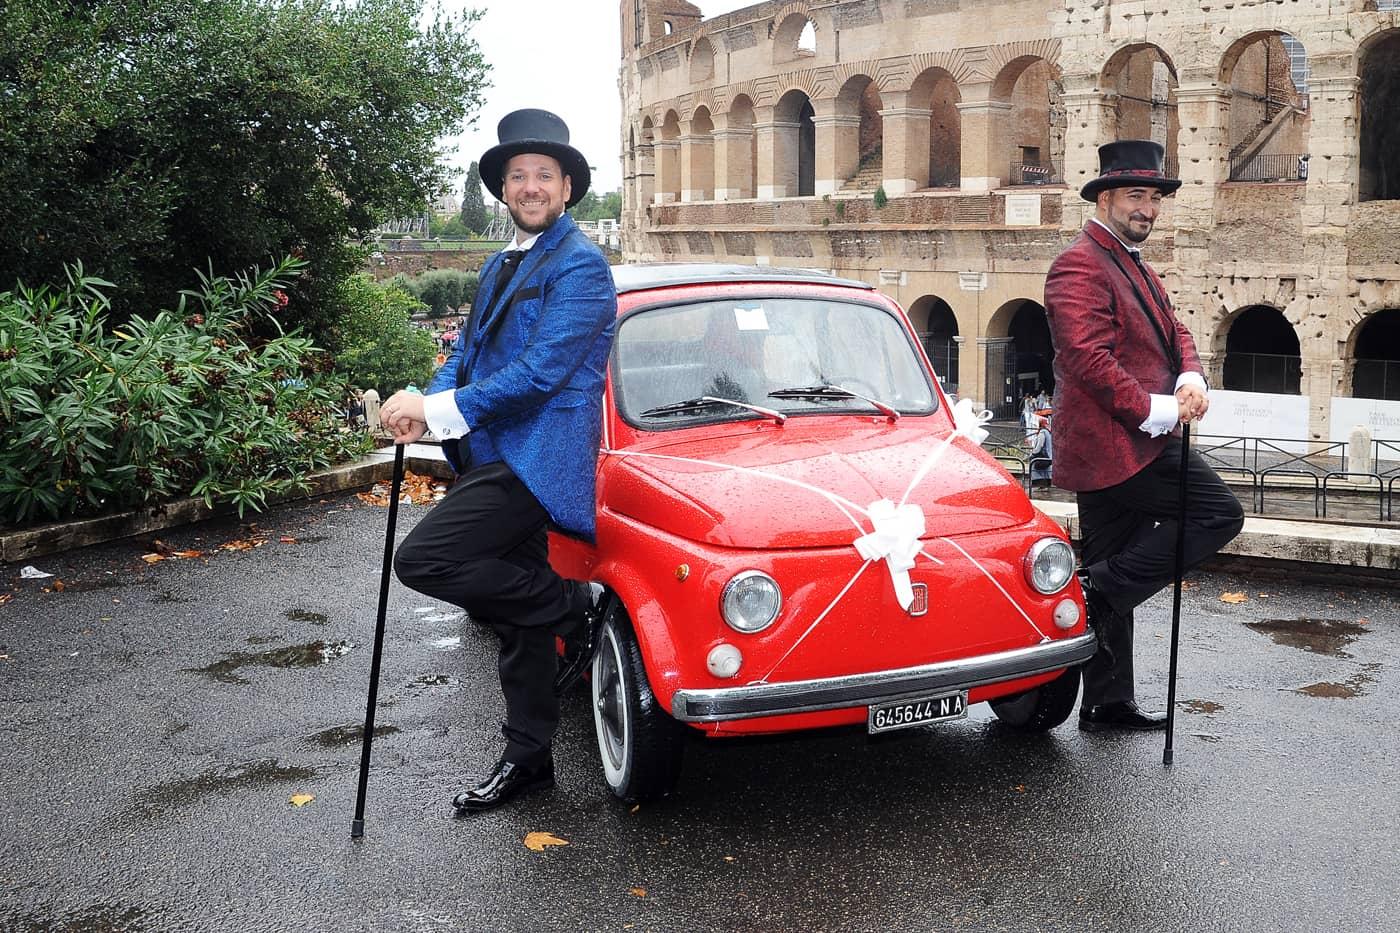 Foto Sposi Colosseo location più belle unioni civili Fotografo matrimonio gay Roma Fotoflashteam